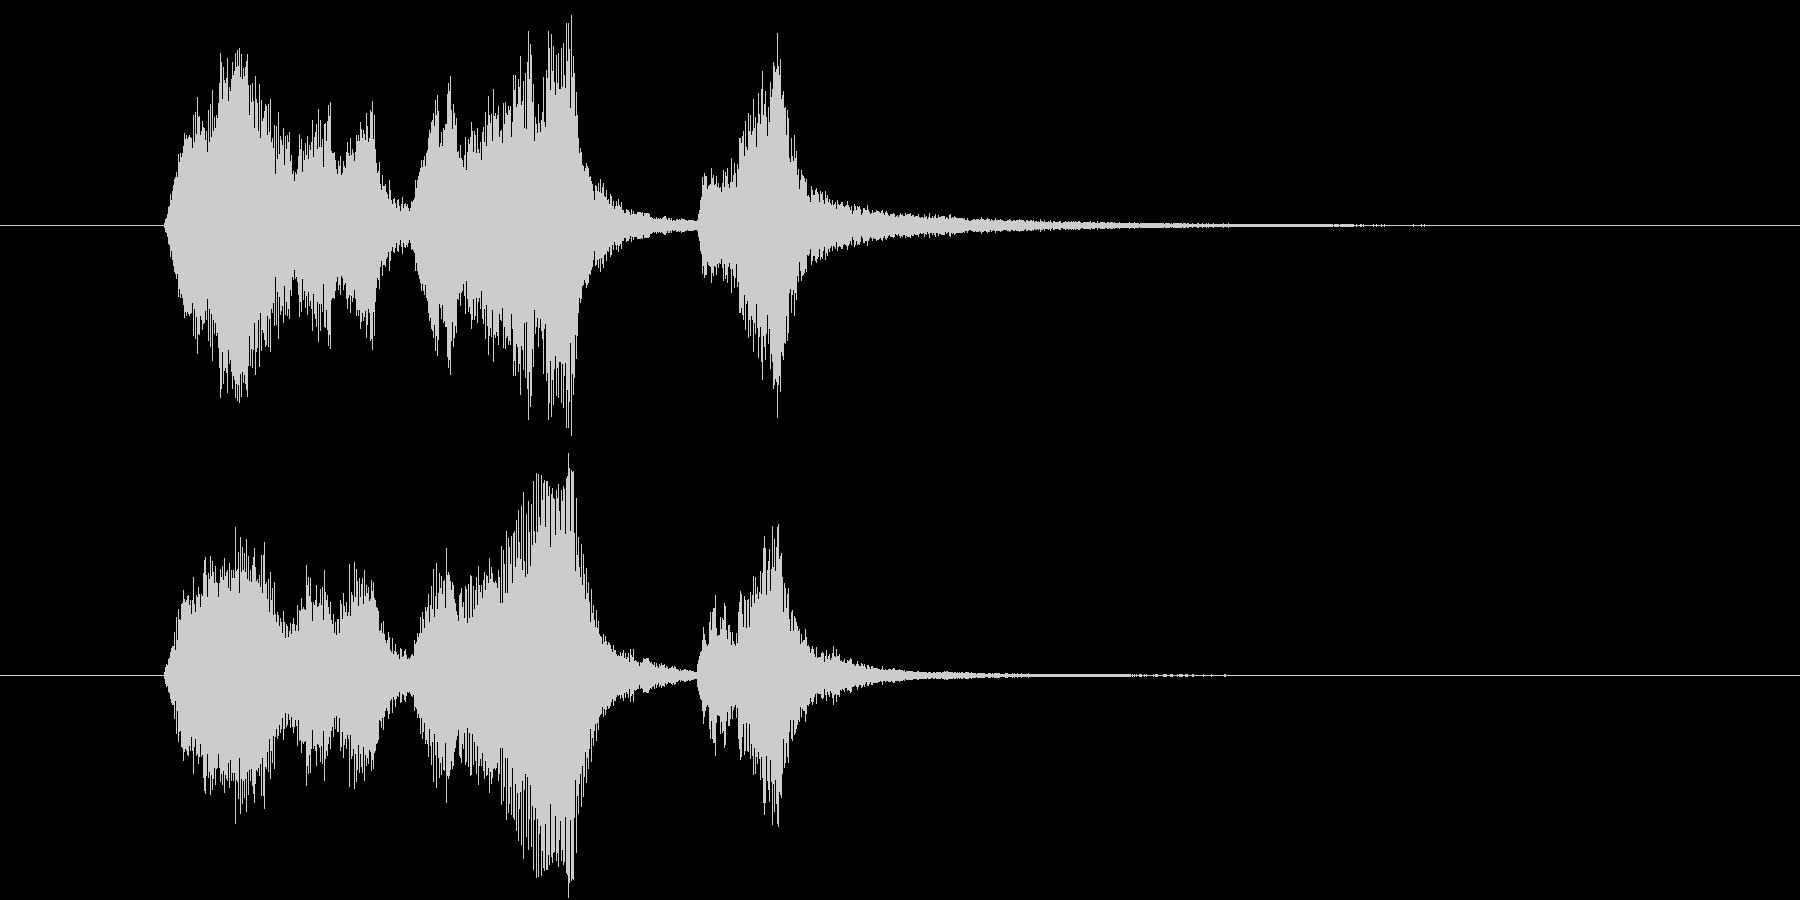 ストリングスの明るいジングルの未再生の波形